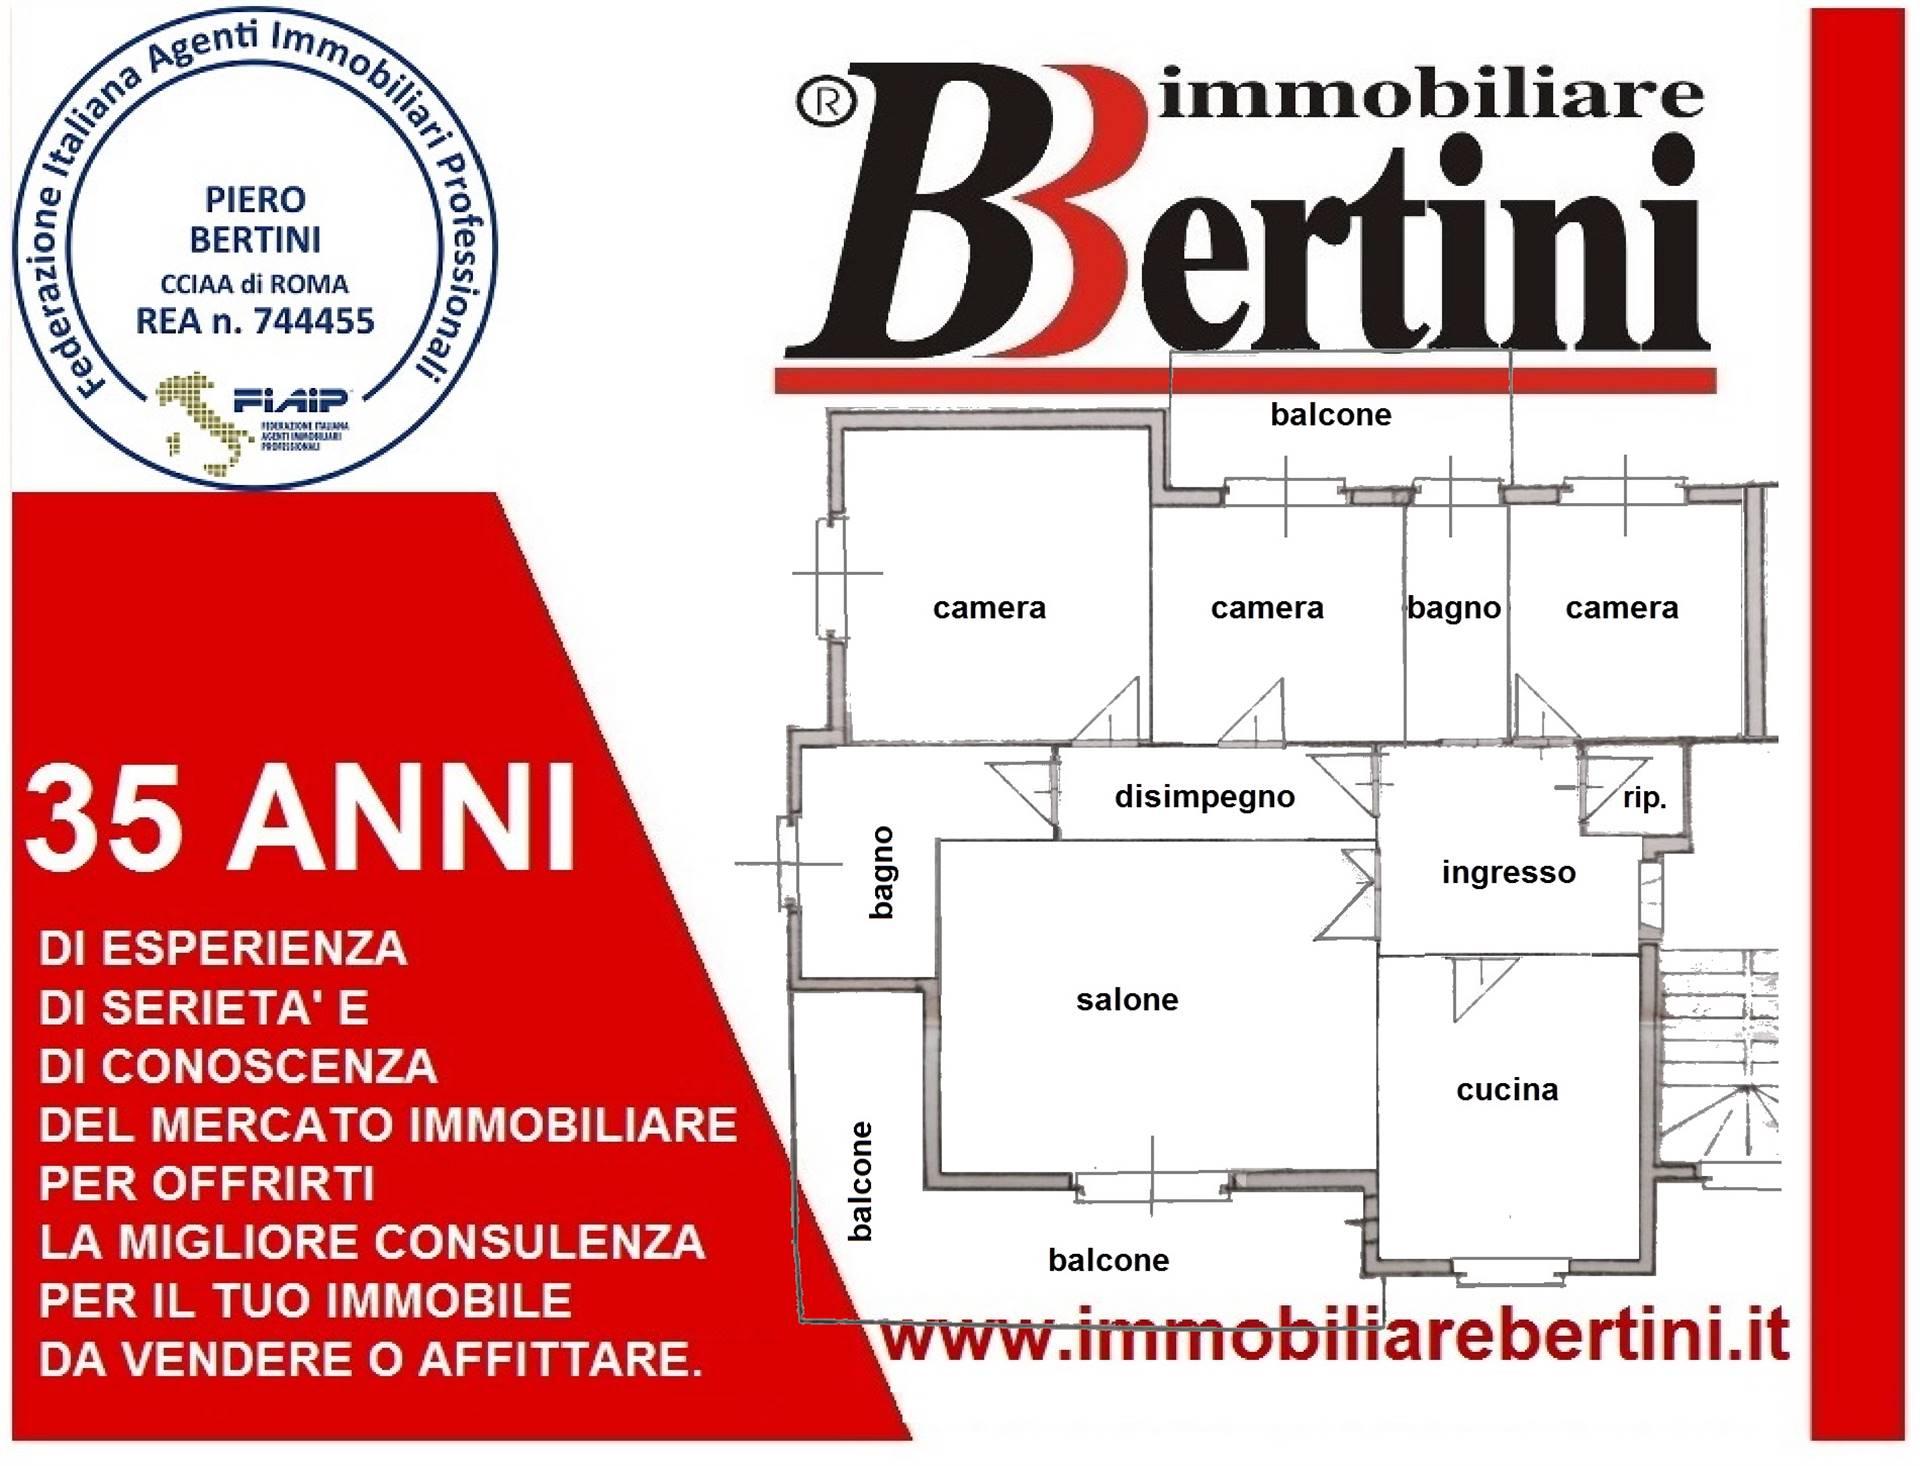 Appartamento centralissimo, luminoso, adiacente Parco Antonelli, ampia metratura, composto ingresso, 3 camere, salone, ampia cucina, 2 bagni, ampi